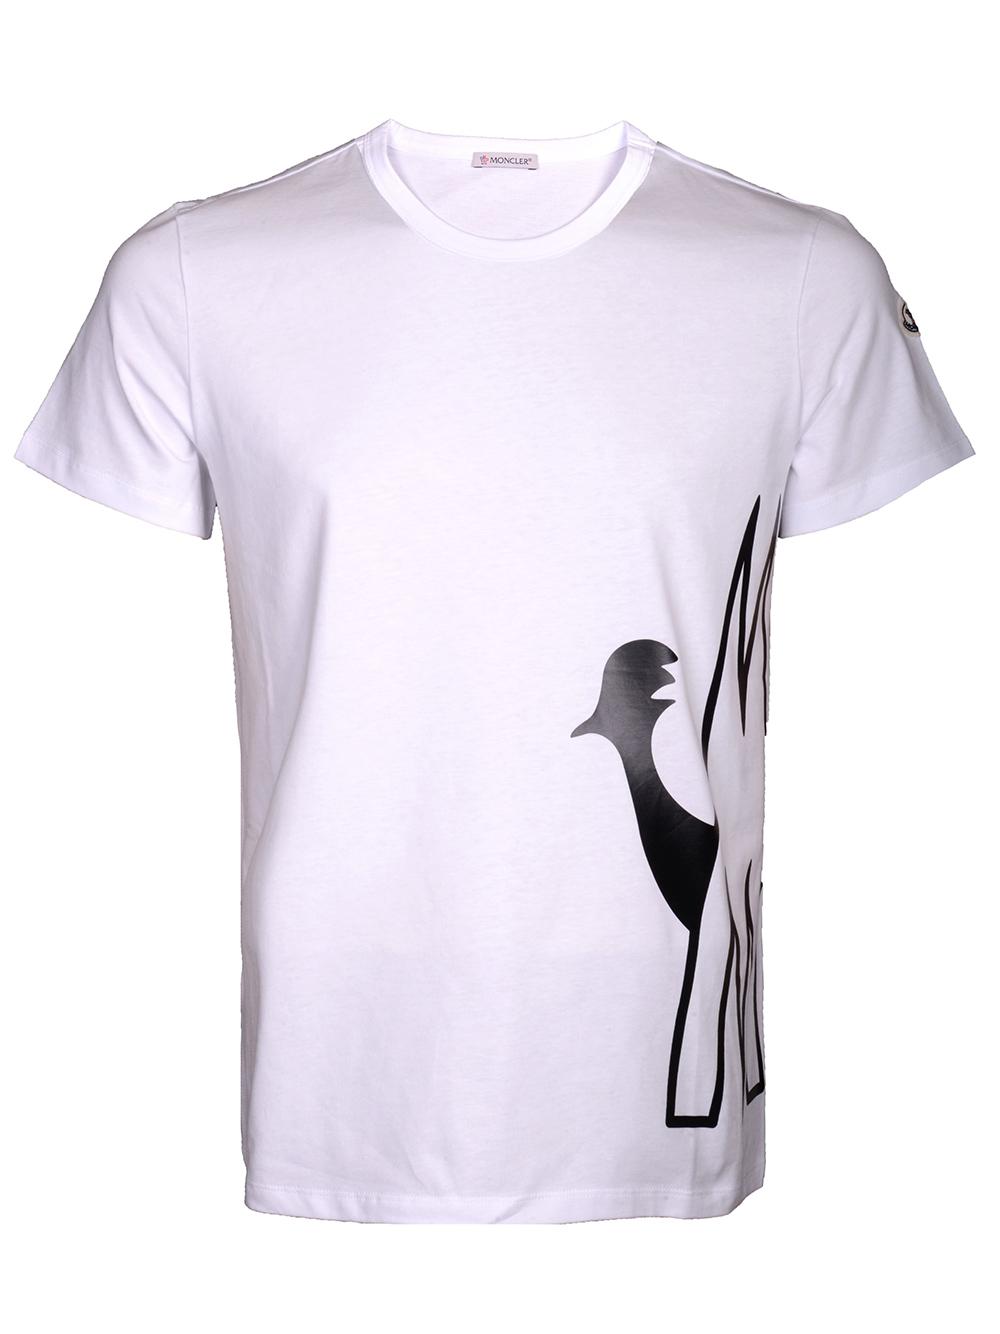 MONCLER Μπλούζα Τ-shirt E2-091-8046150 V8043 ΛΕΥΚΟ